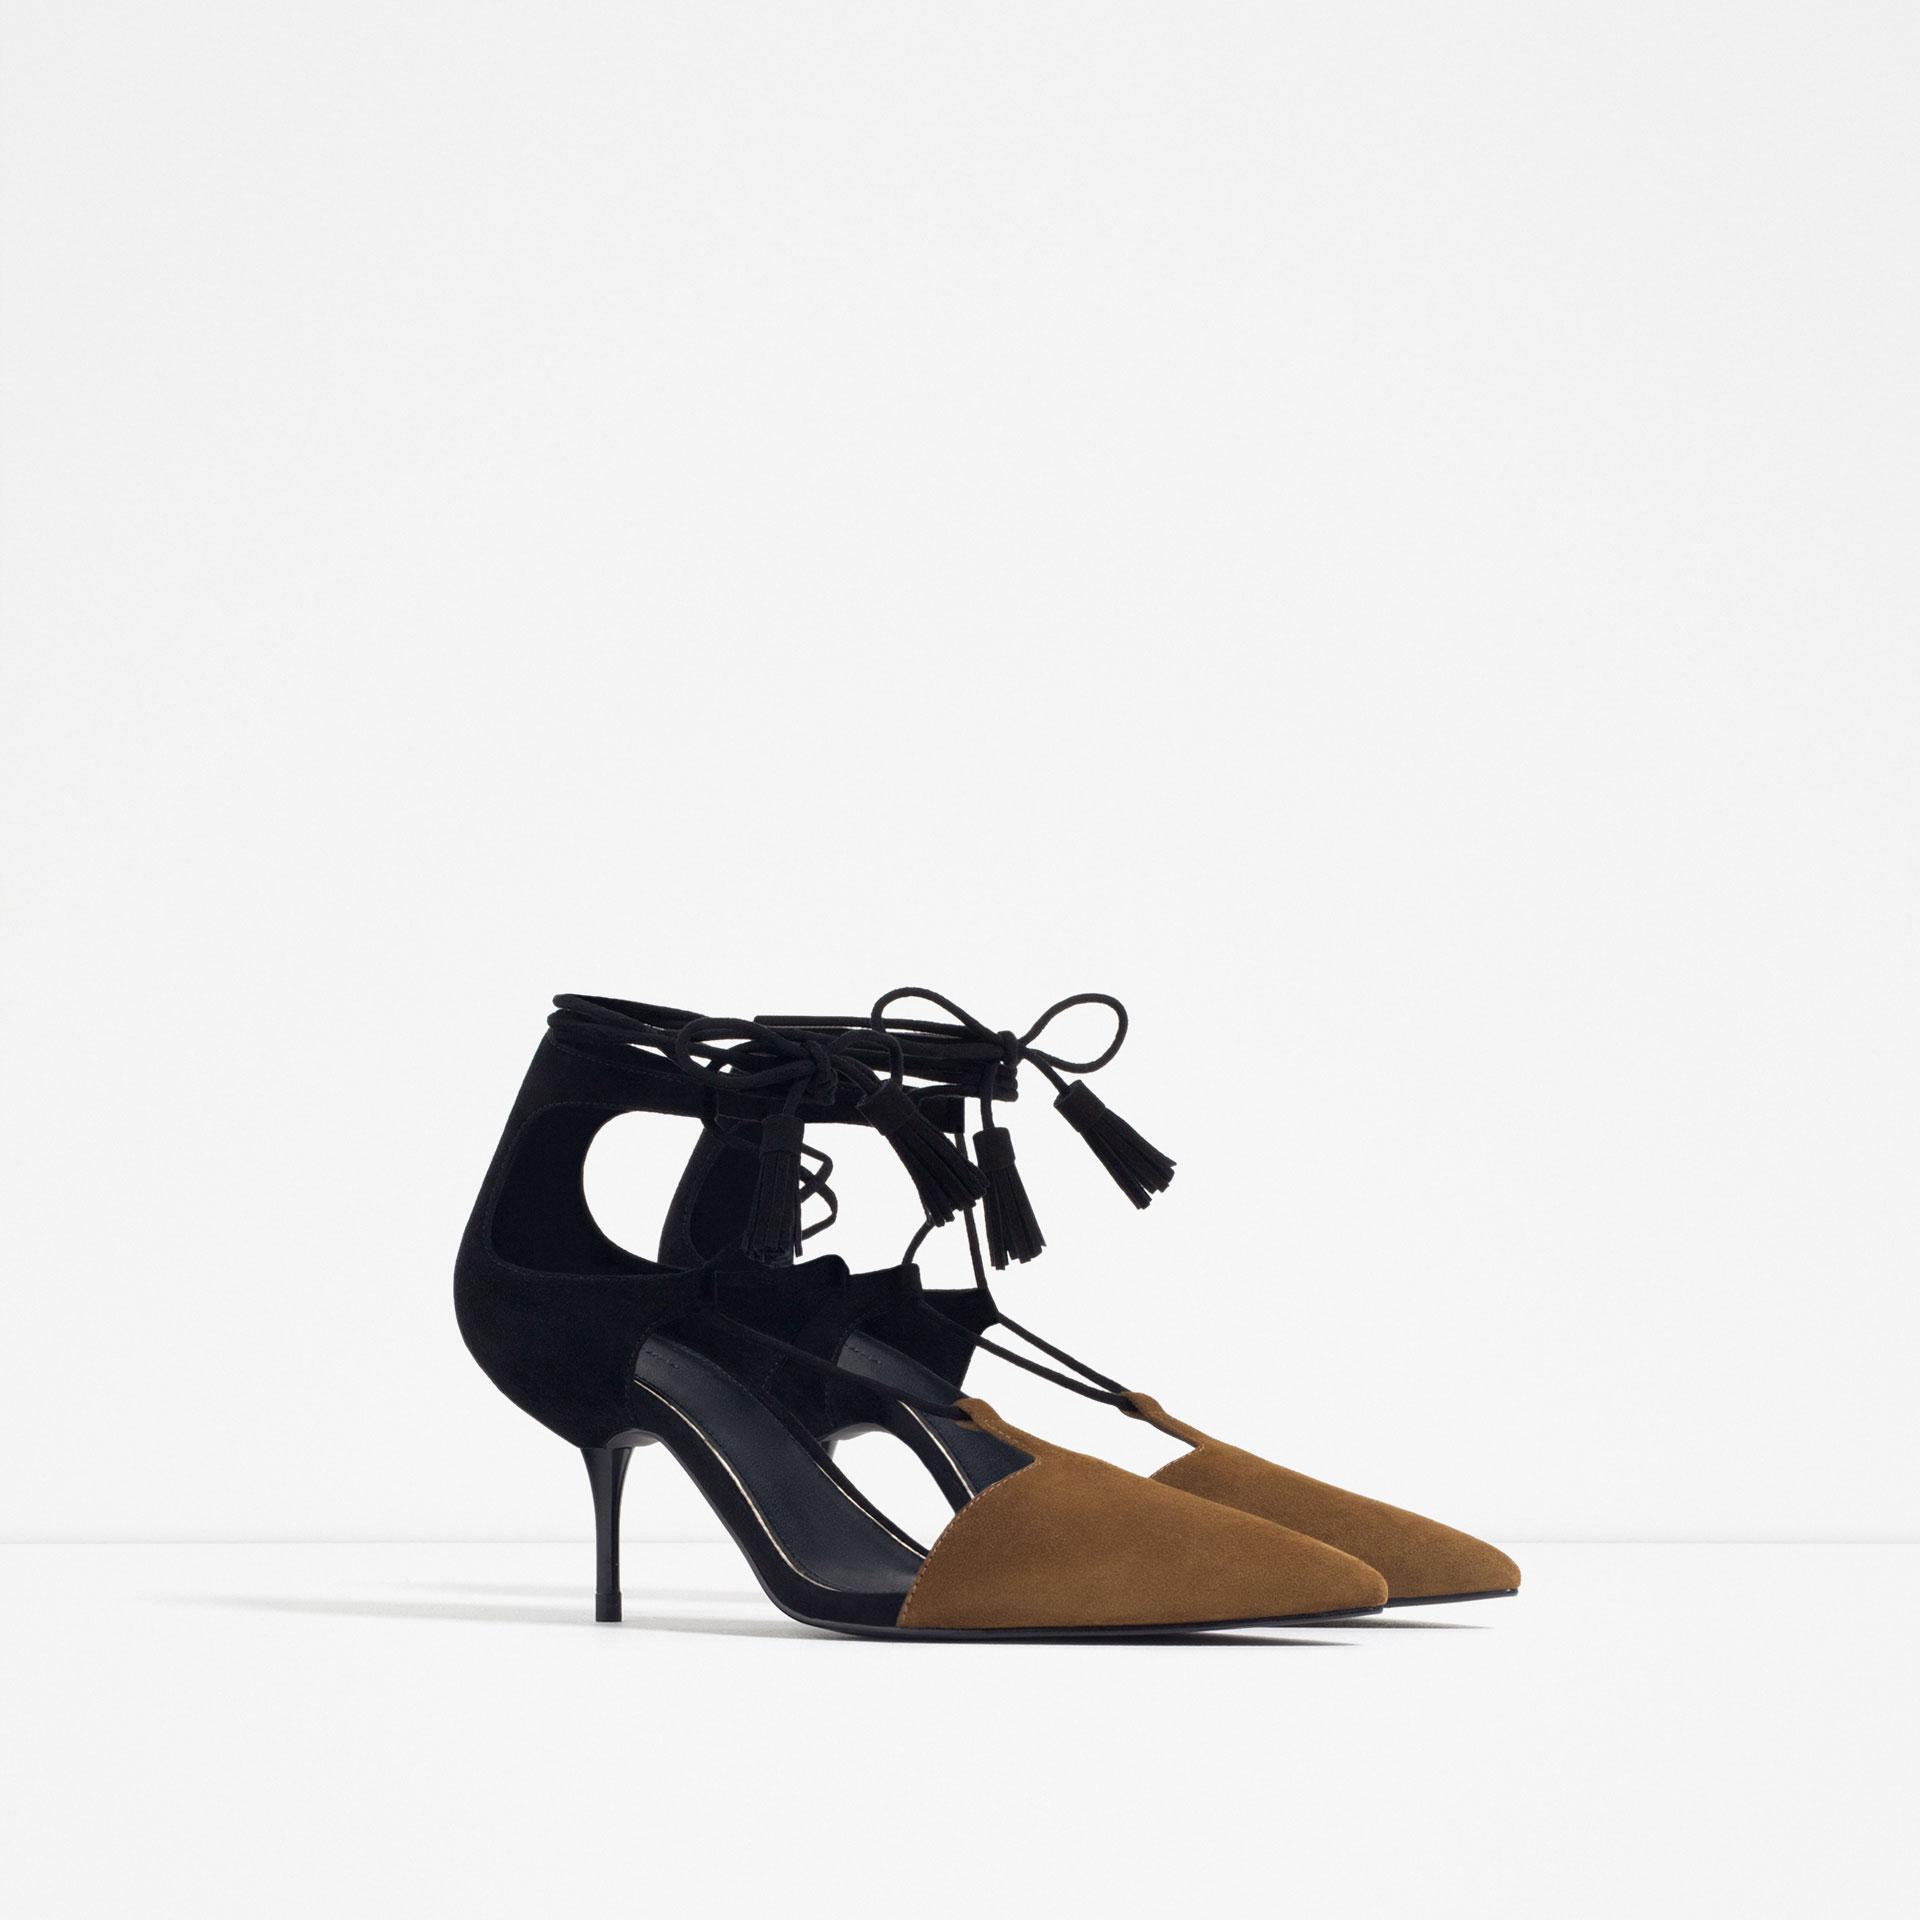 Tarz ayakkabı zara 2